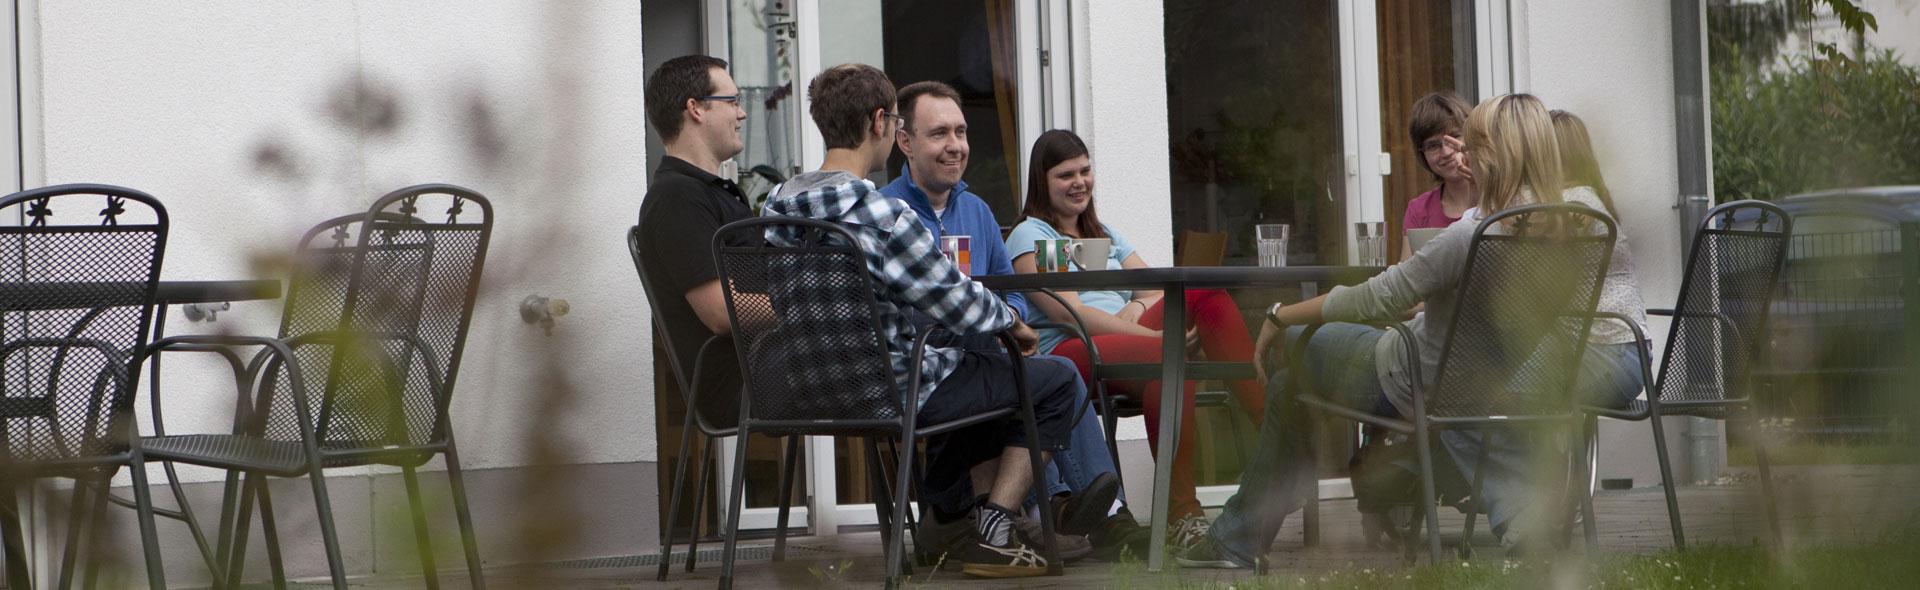 Eine gemütliche Runde auf der Terrasse